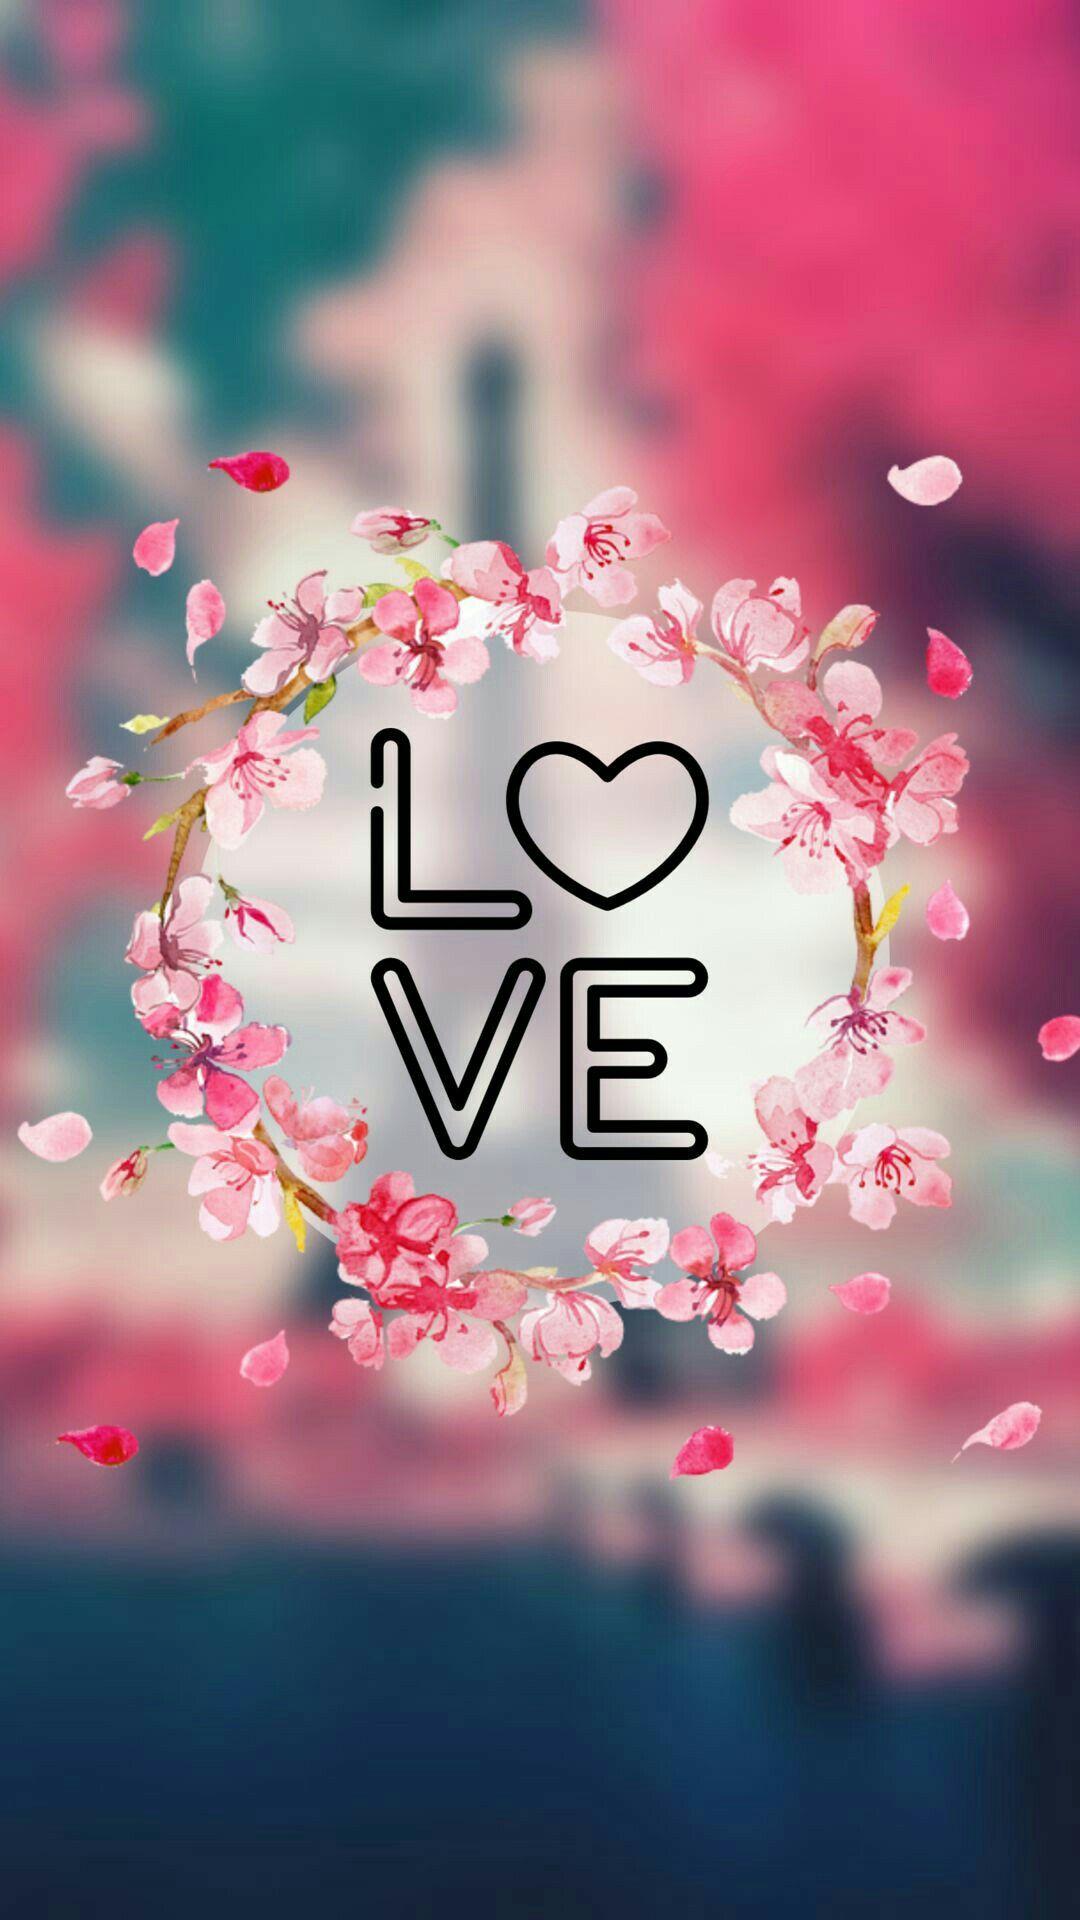 Love Wallpaper Image By صورة و كلمة On صور أعجبتني صور